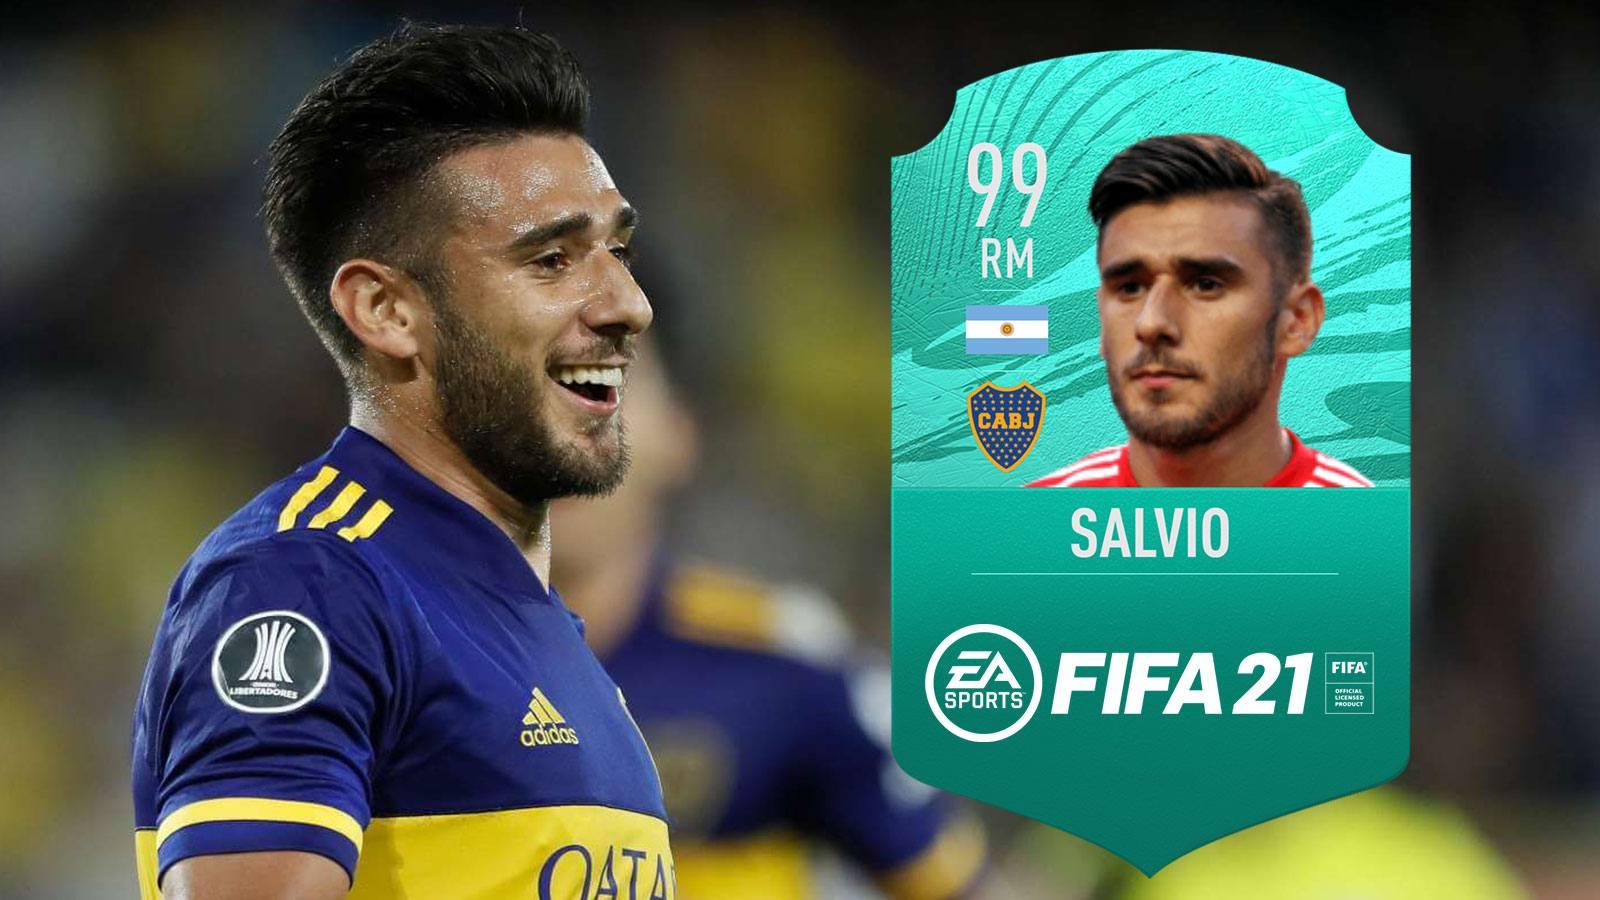 L'équipe FUT d'Eduardo Salvio